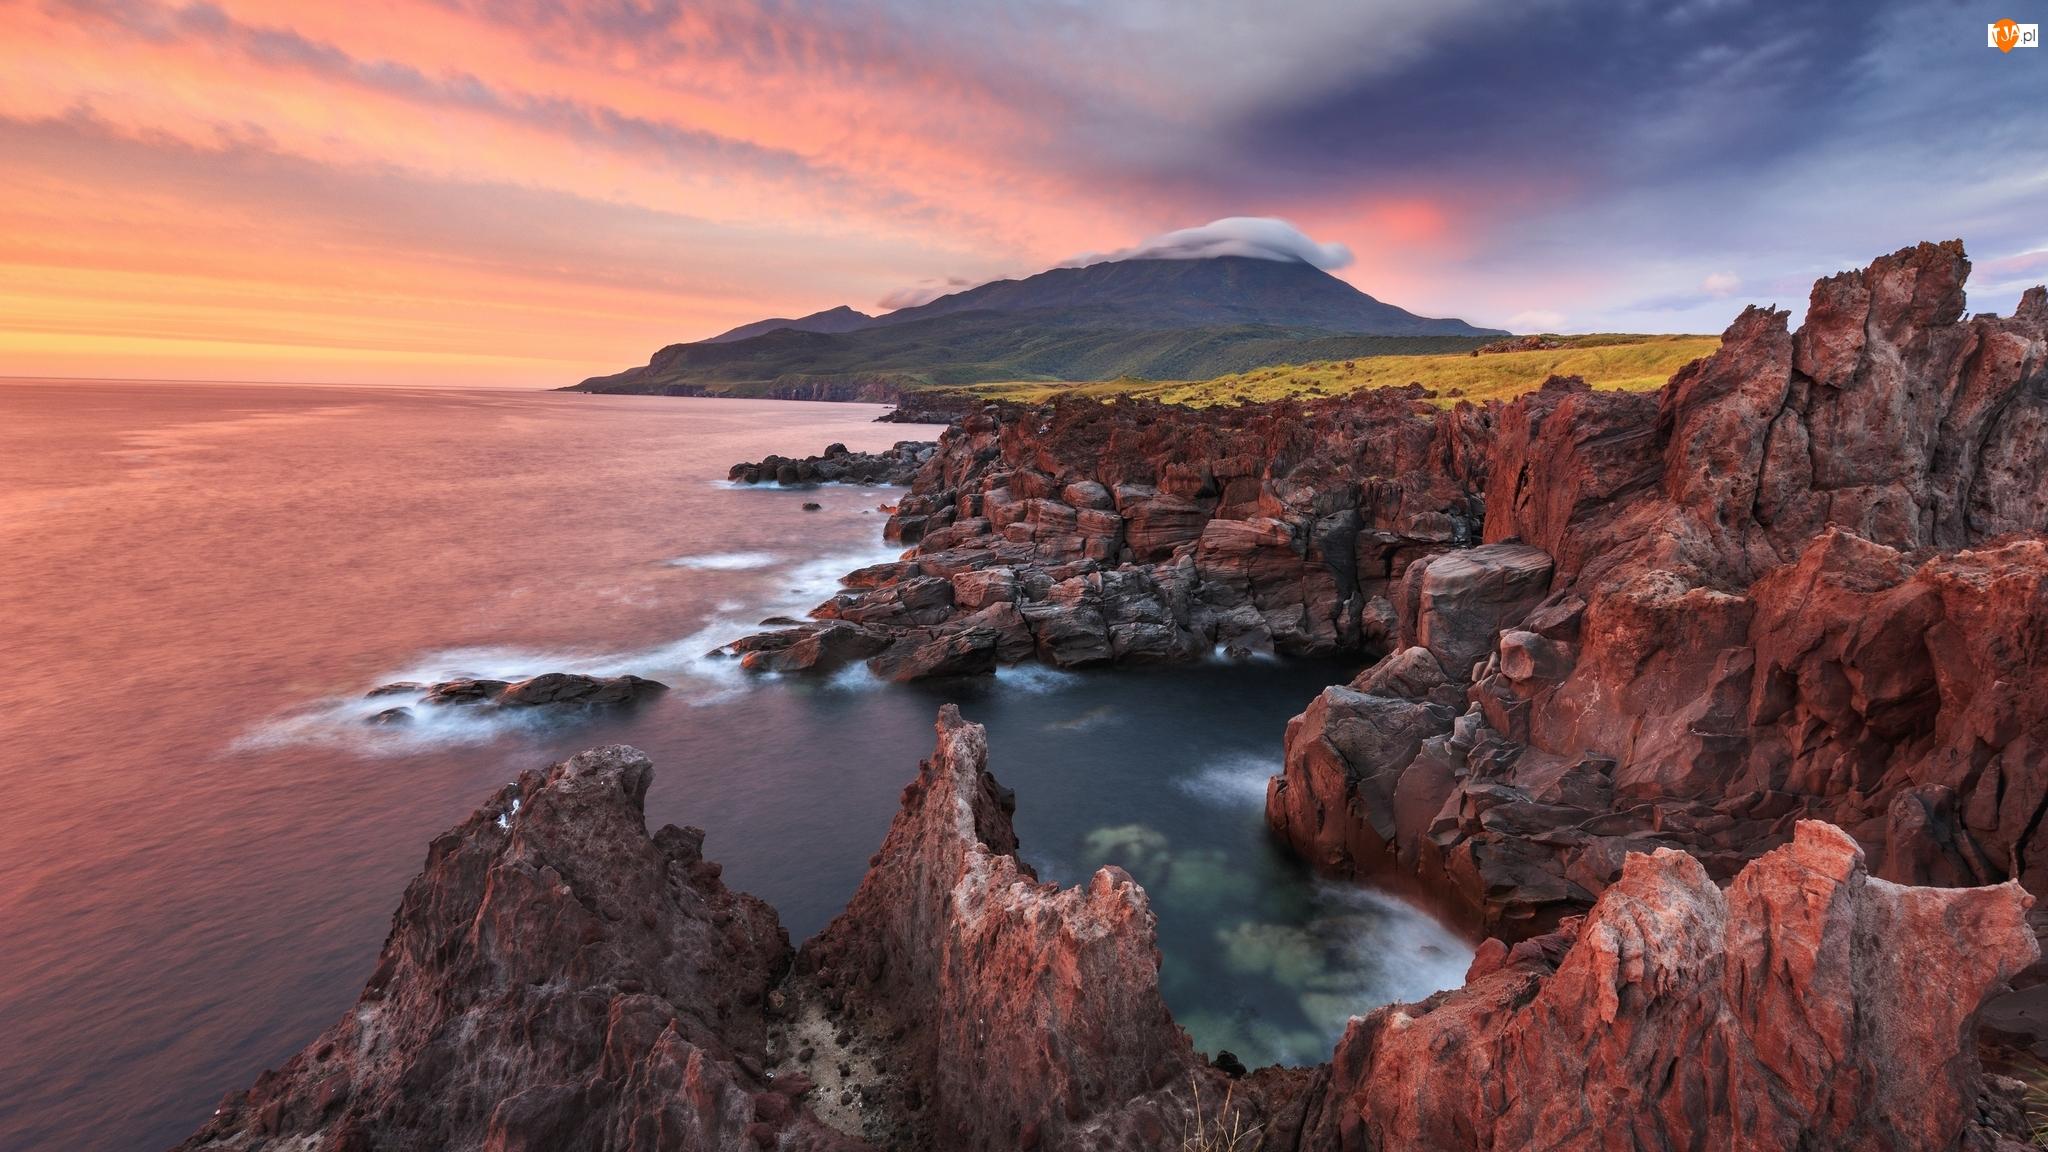 Wyspa Iturup, Morze, Skały, Obwód sachaliński, Zachód słońca, Wybrzeże, Rosja, Góry